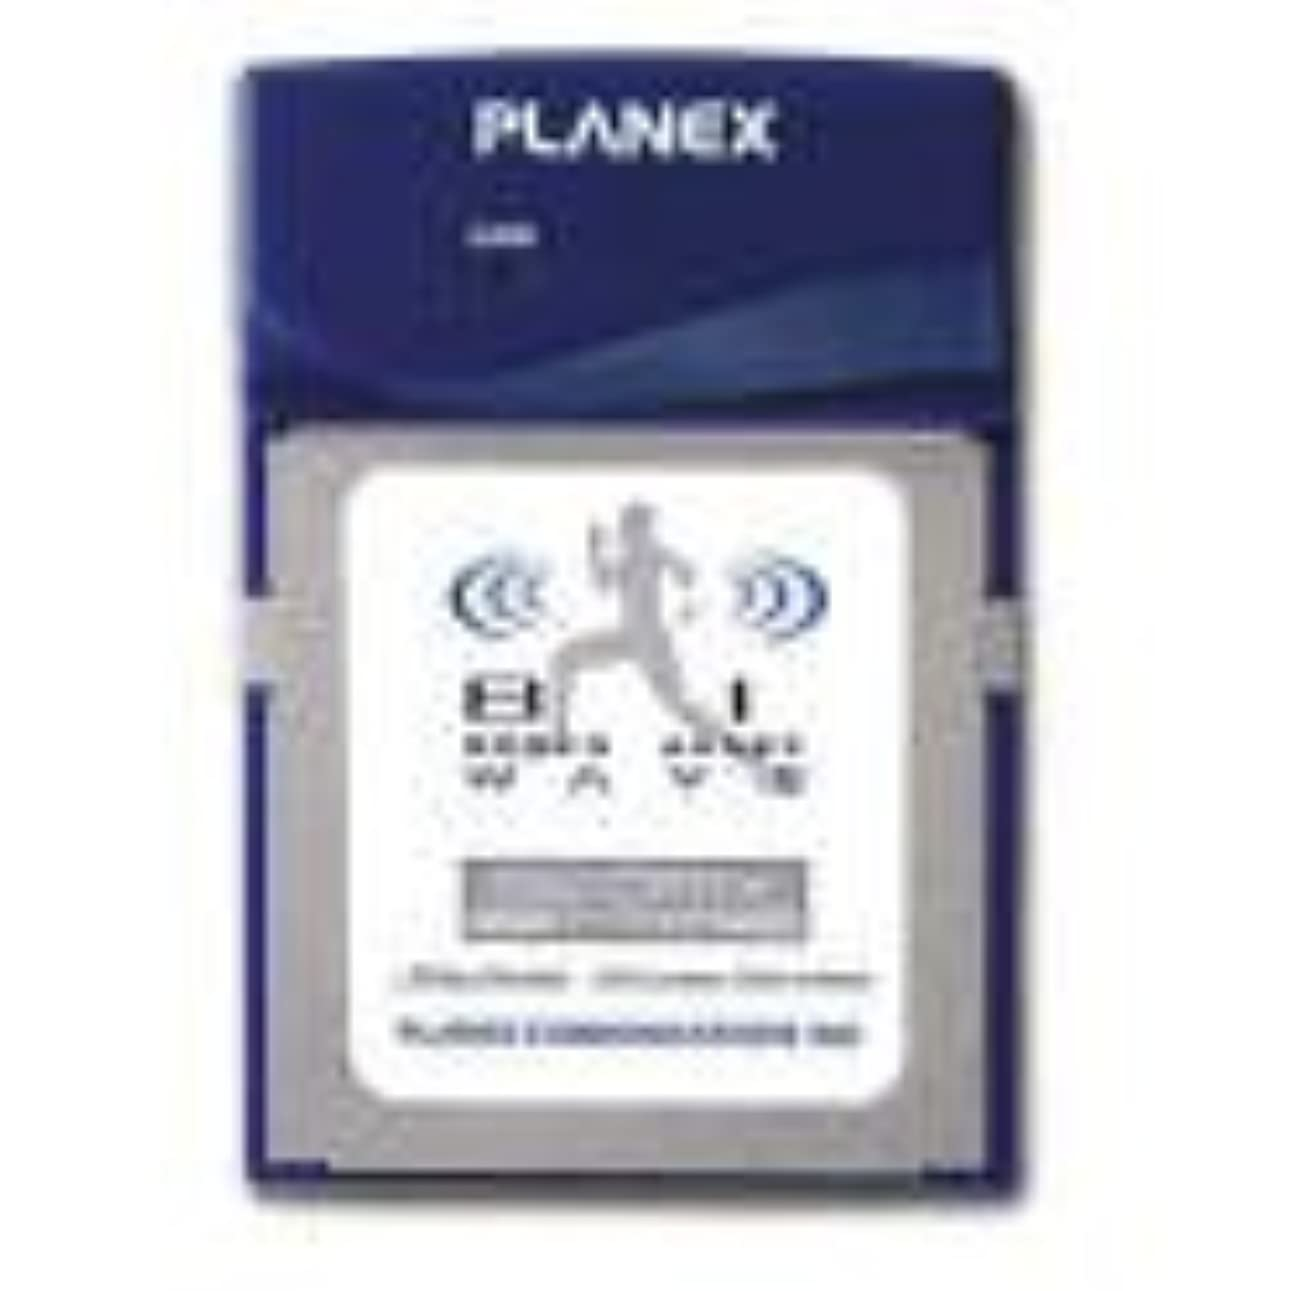 熱フィヨルド細部プラネックス GW-CF11X 11Mbps コンパクトフラッシュ型無線LANアダプタ